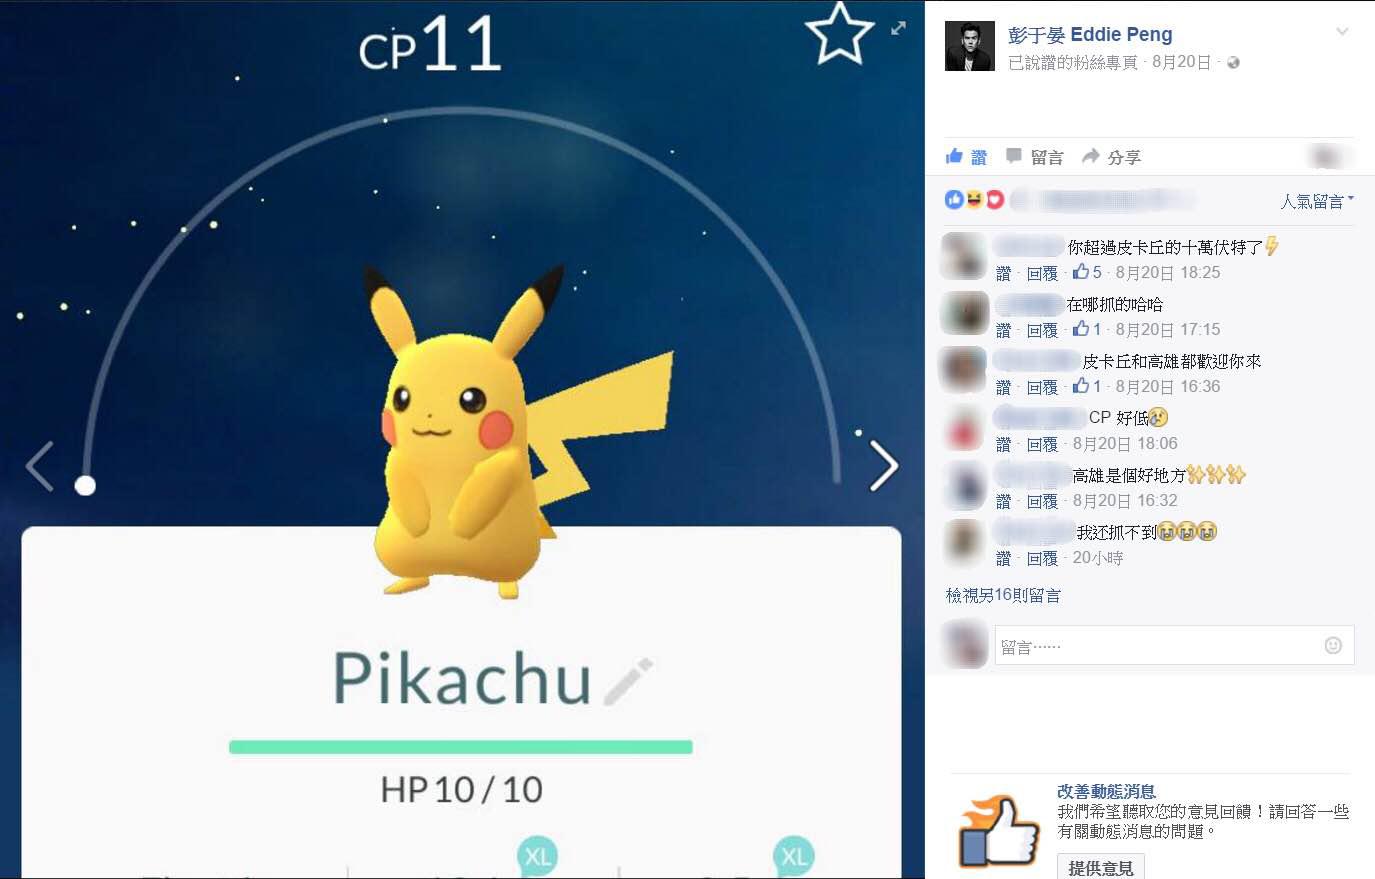 彭于晏玩寶可夢抓到皮卡丘 開心在臉書和粉絲分享